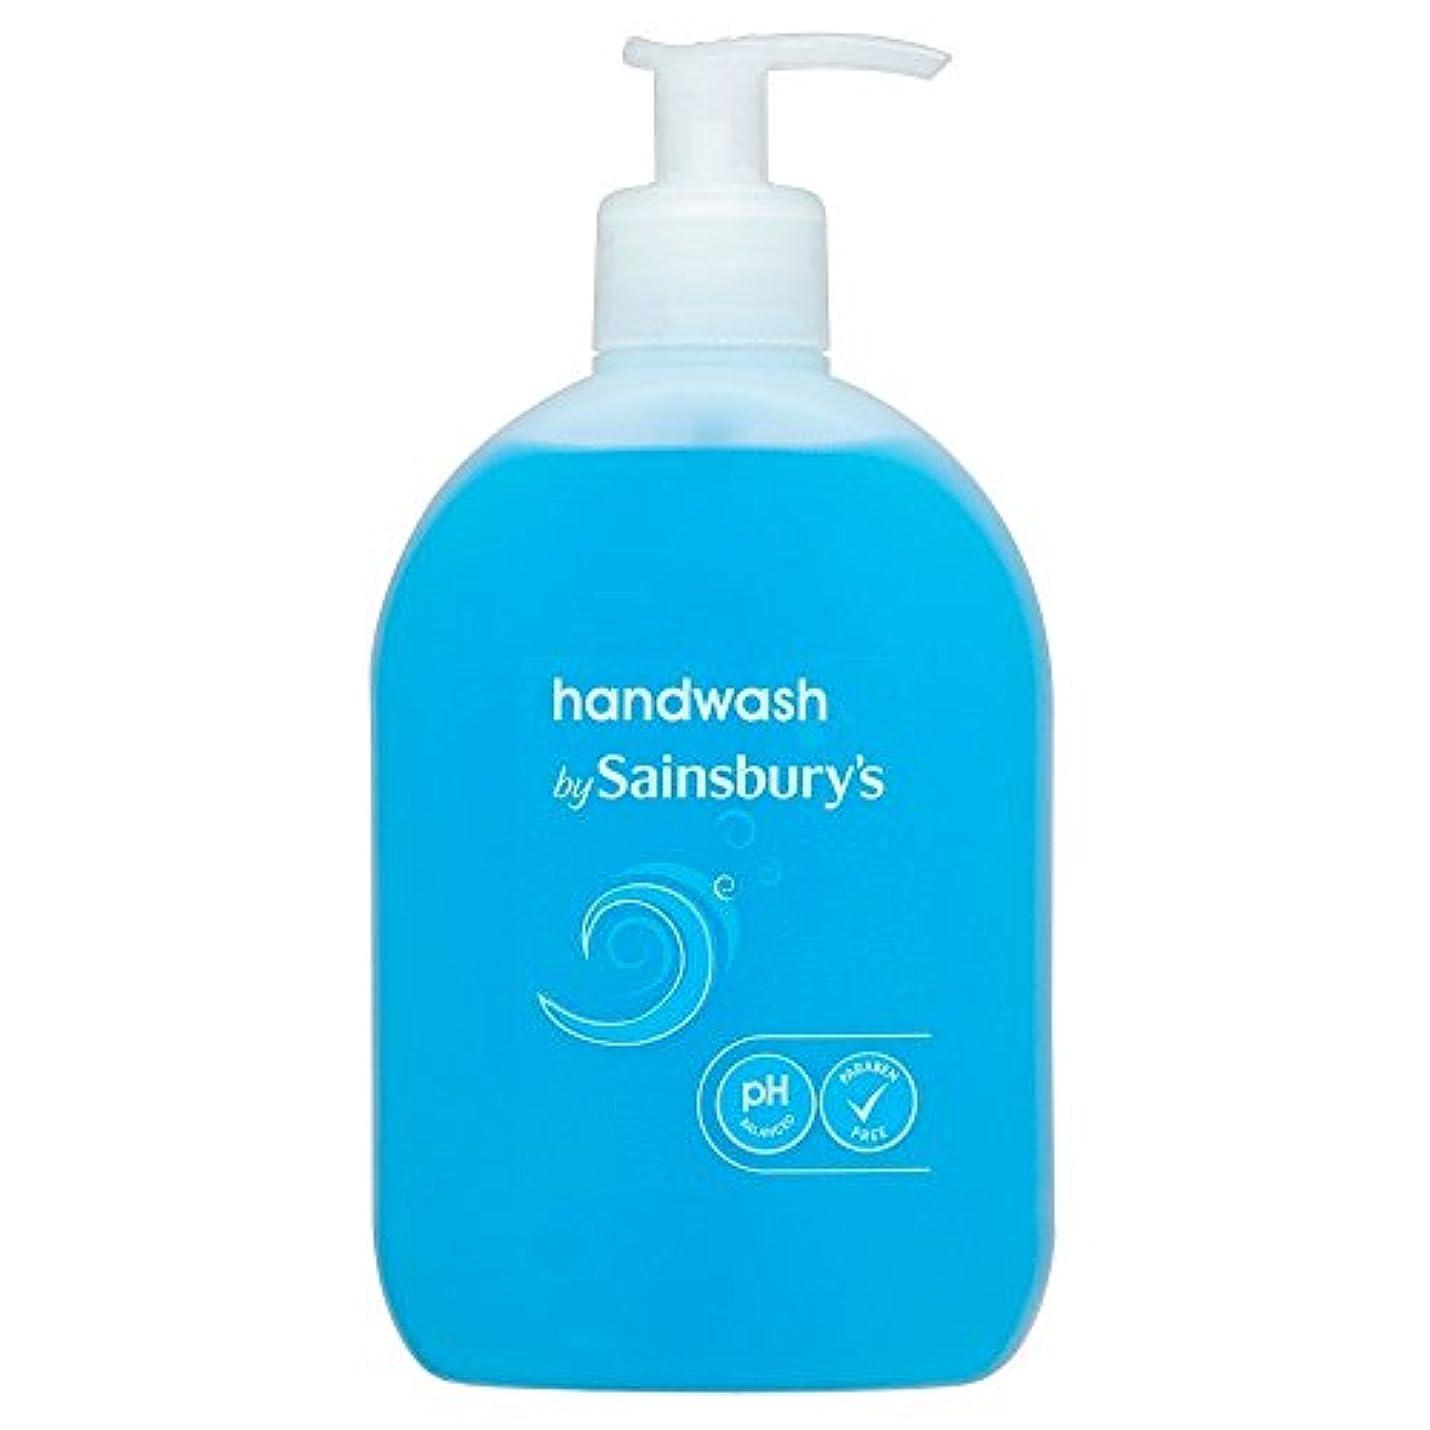 精神的に振動させる価値Sainsbury's Handwash, Blue 500ml (Pack of 2) - (Sainsbury's) 手洗い、青500ミリリットル (x2) [並行輸入品]